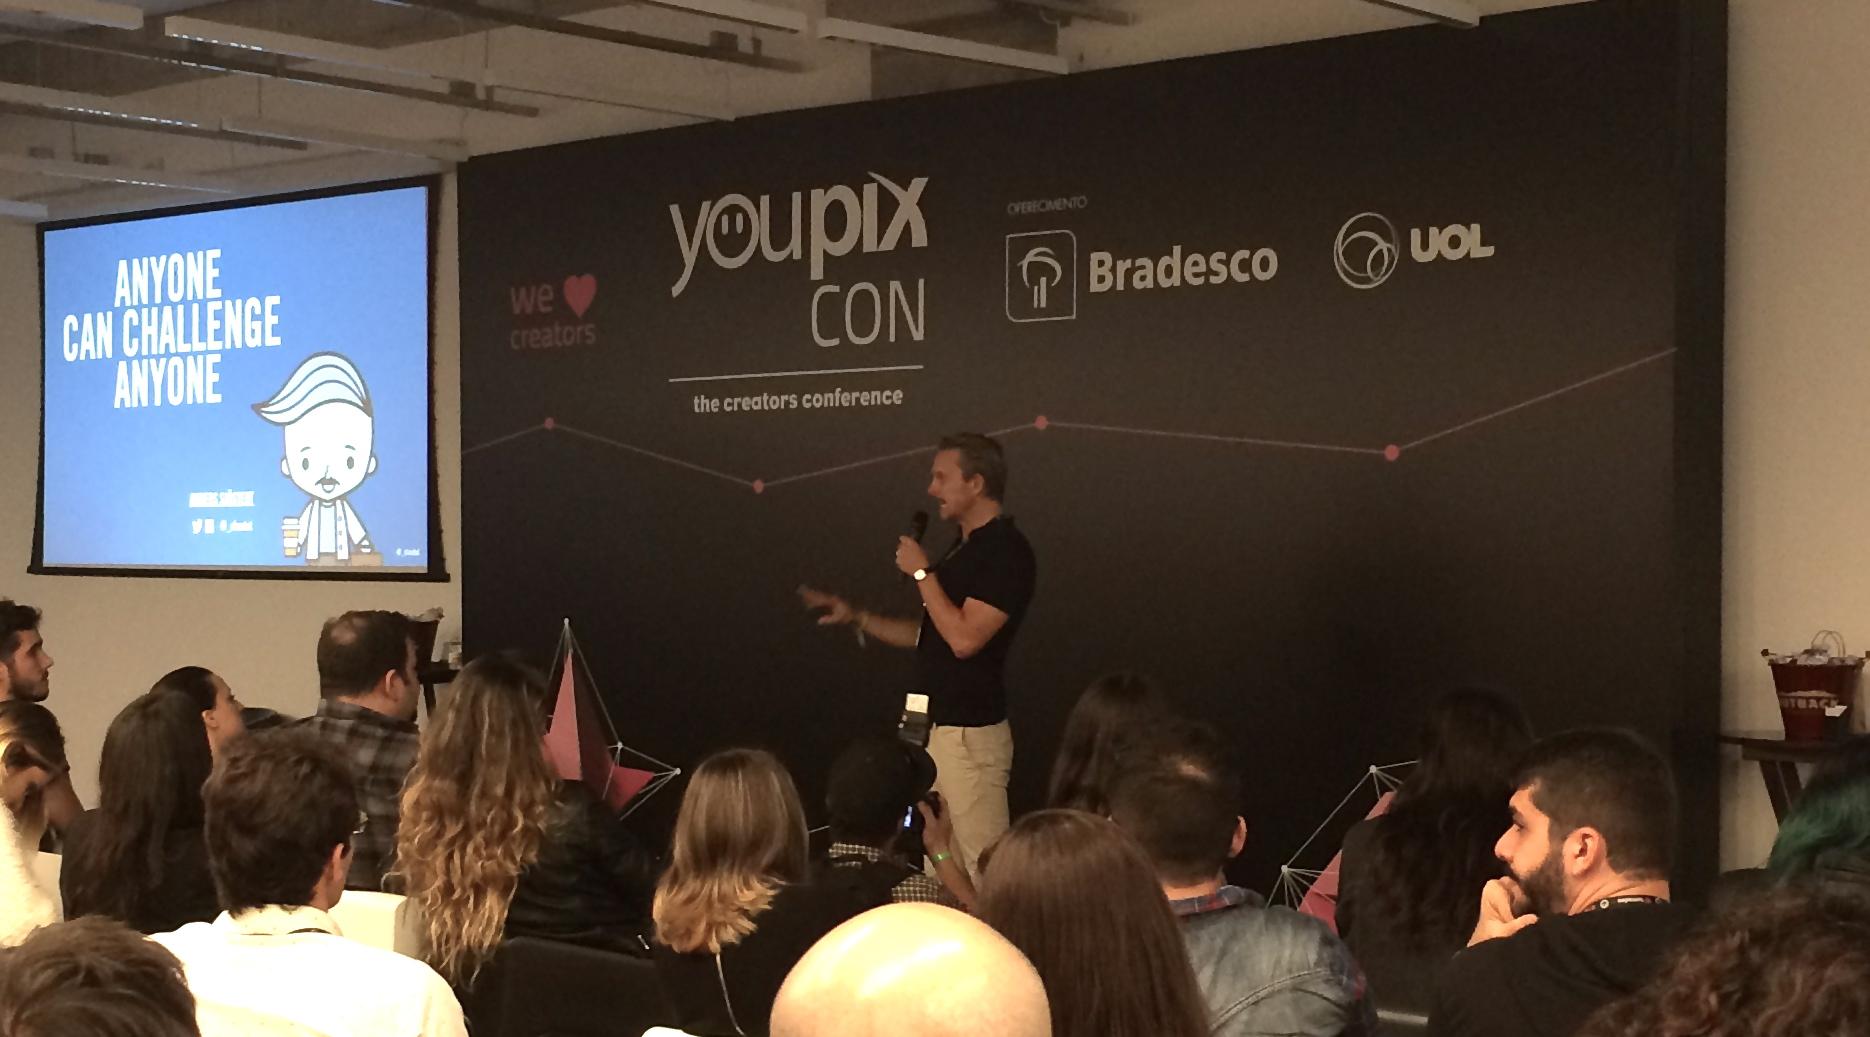 YouPIX Con 2016 (parte 1): Todo mundo pode desafiar todo mundo